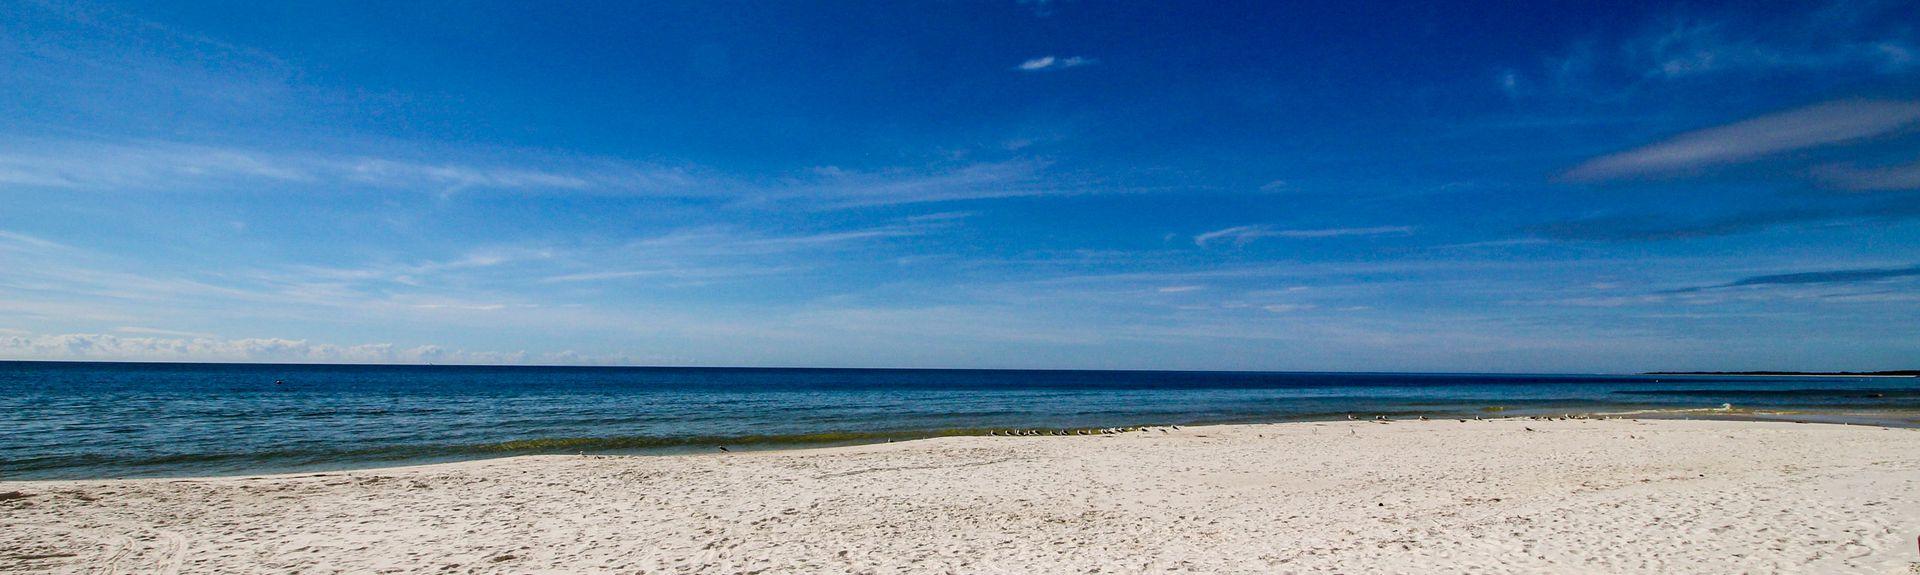 Paradise Shores, Mexico Beach, FL, USA